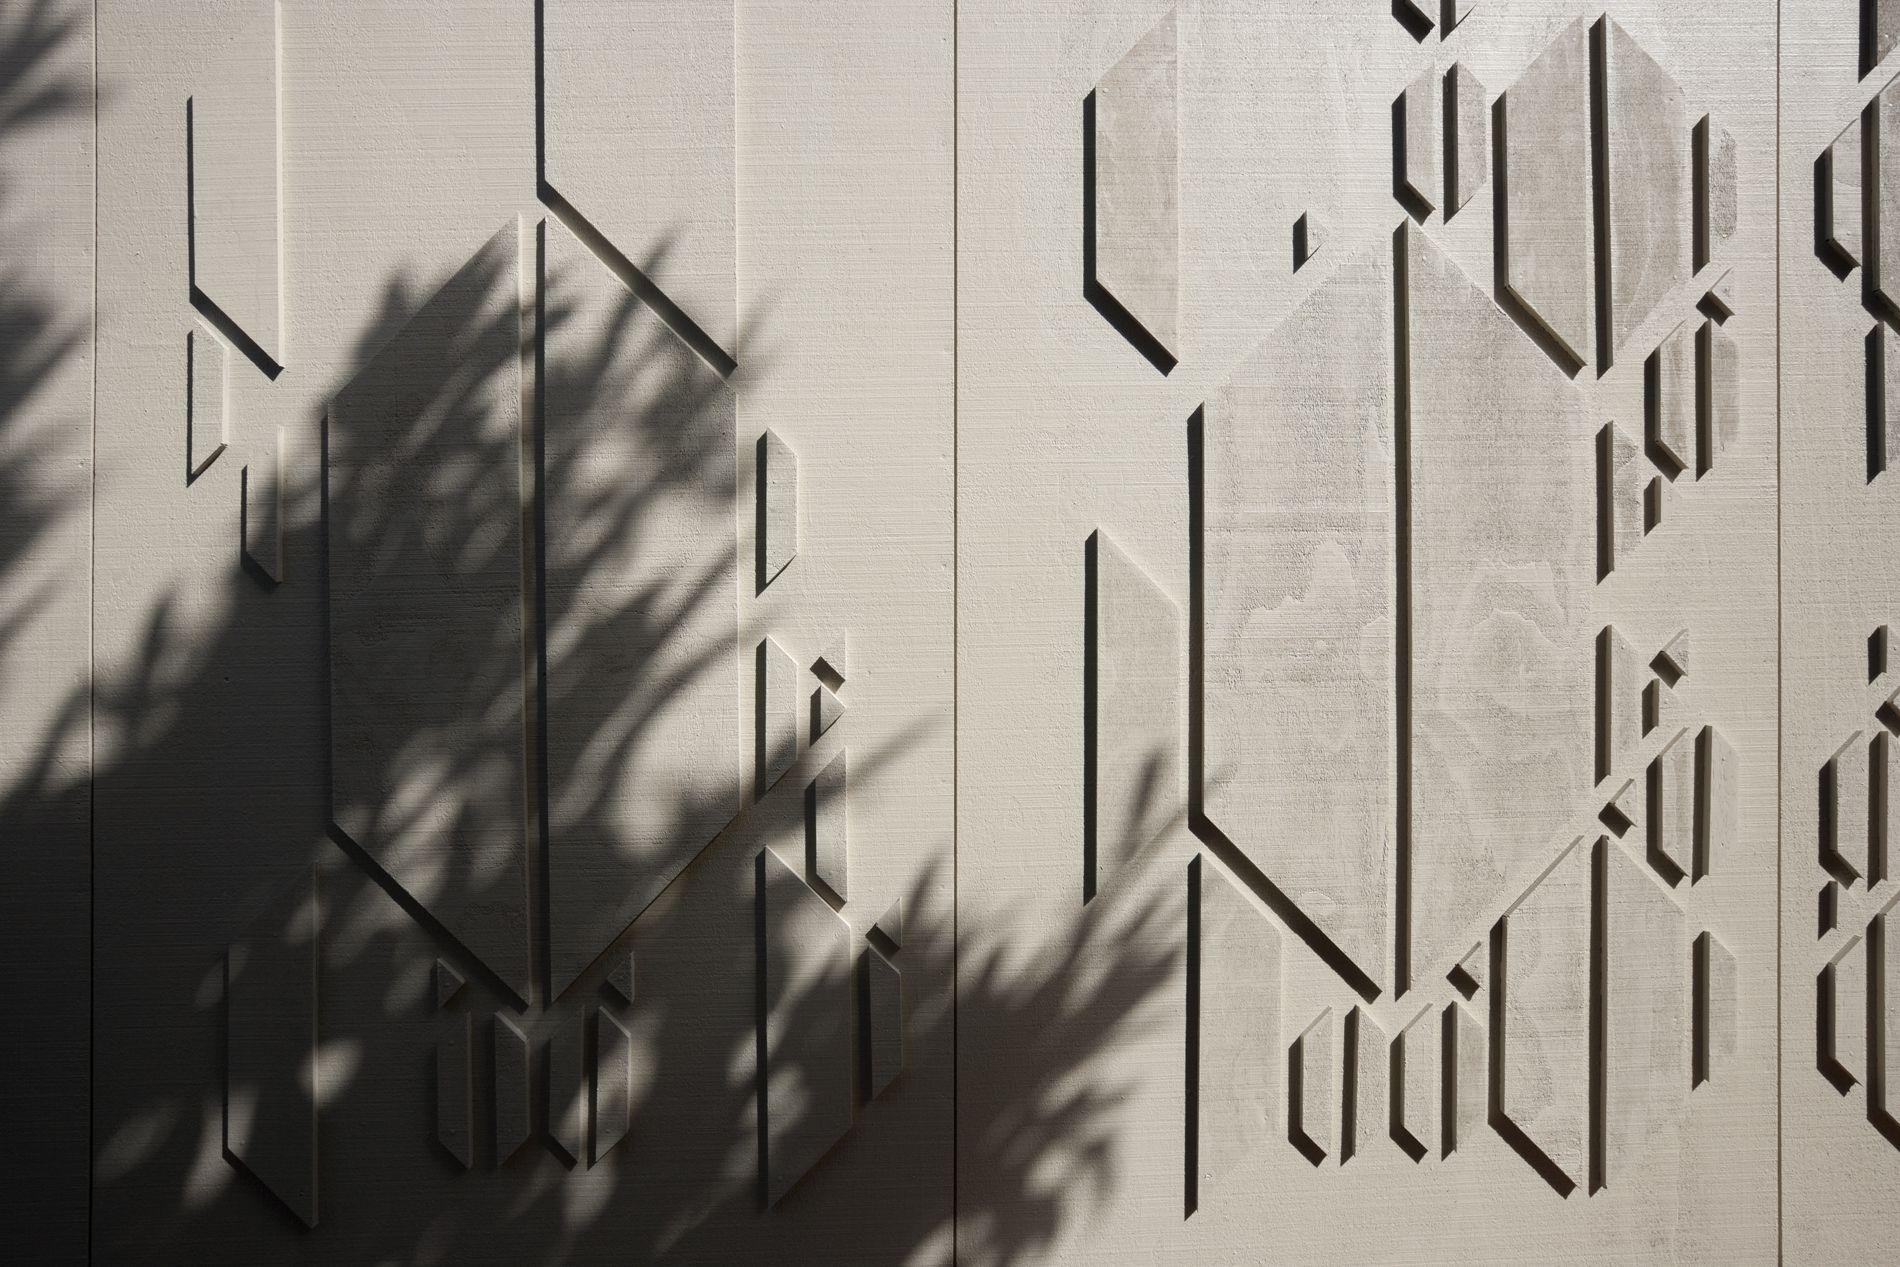 pergola © Sonia Mangiapane